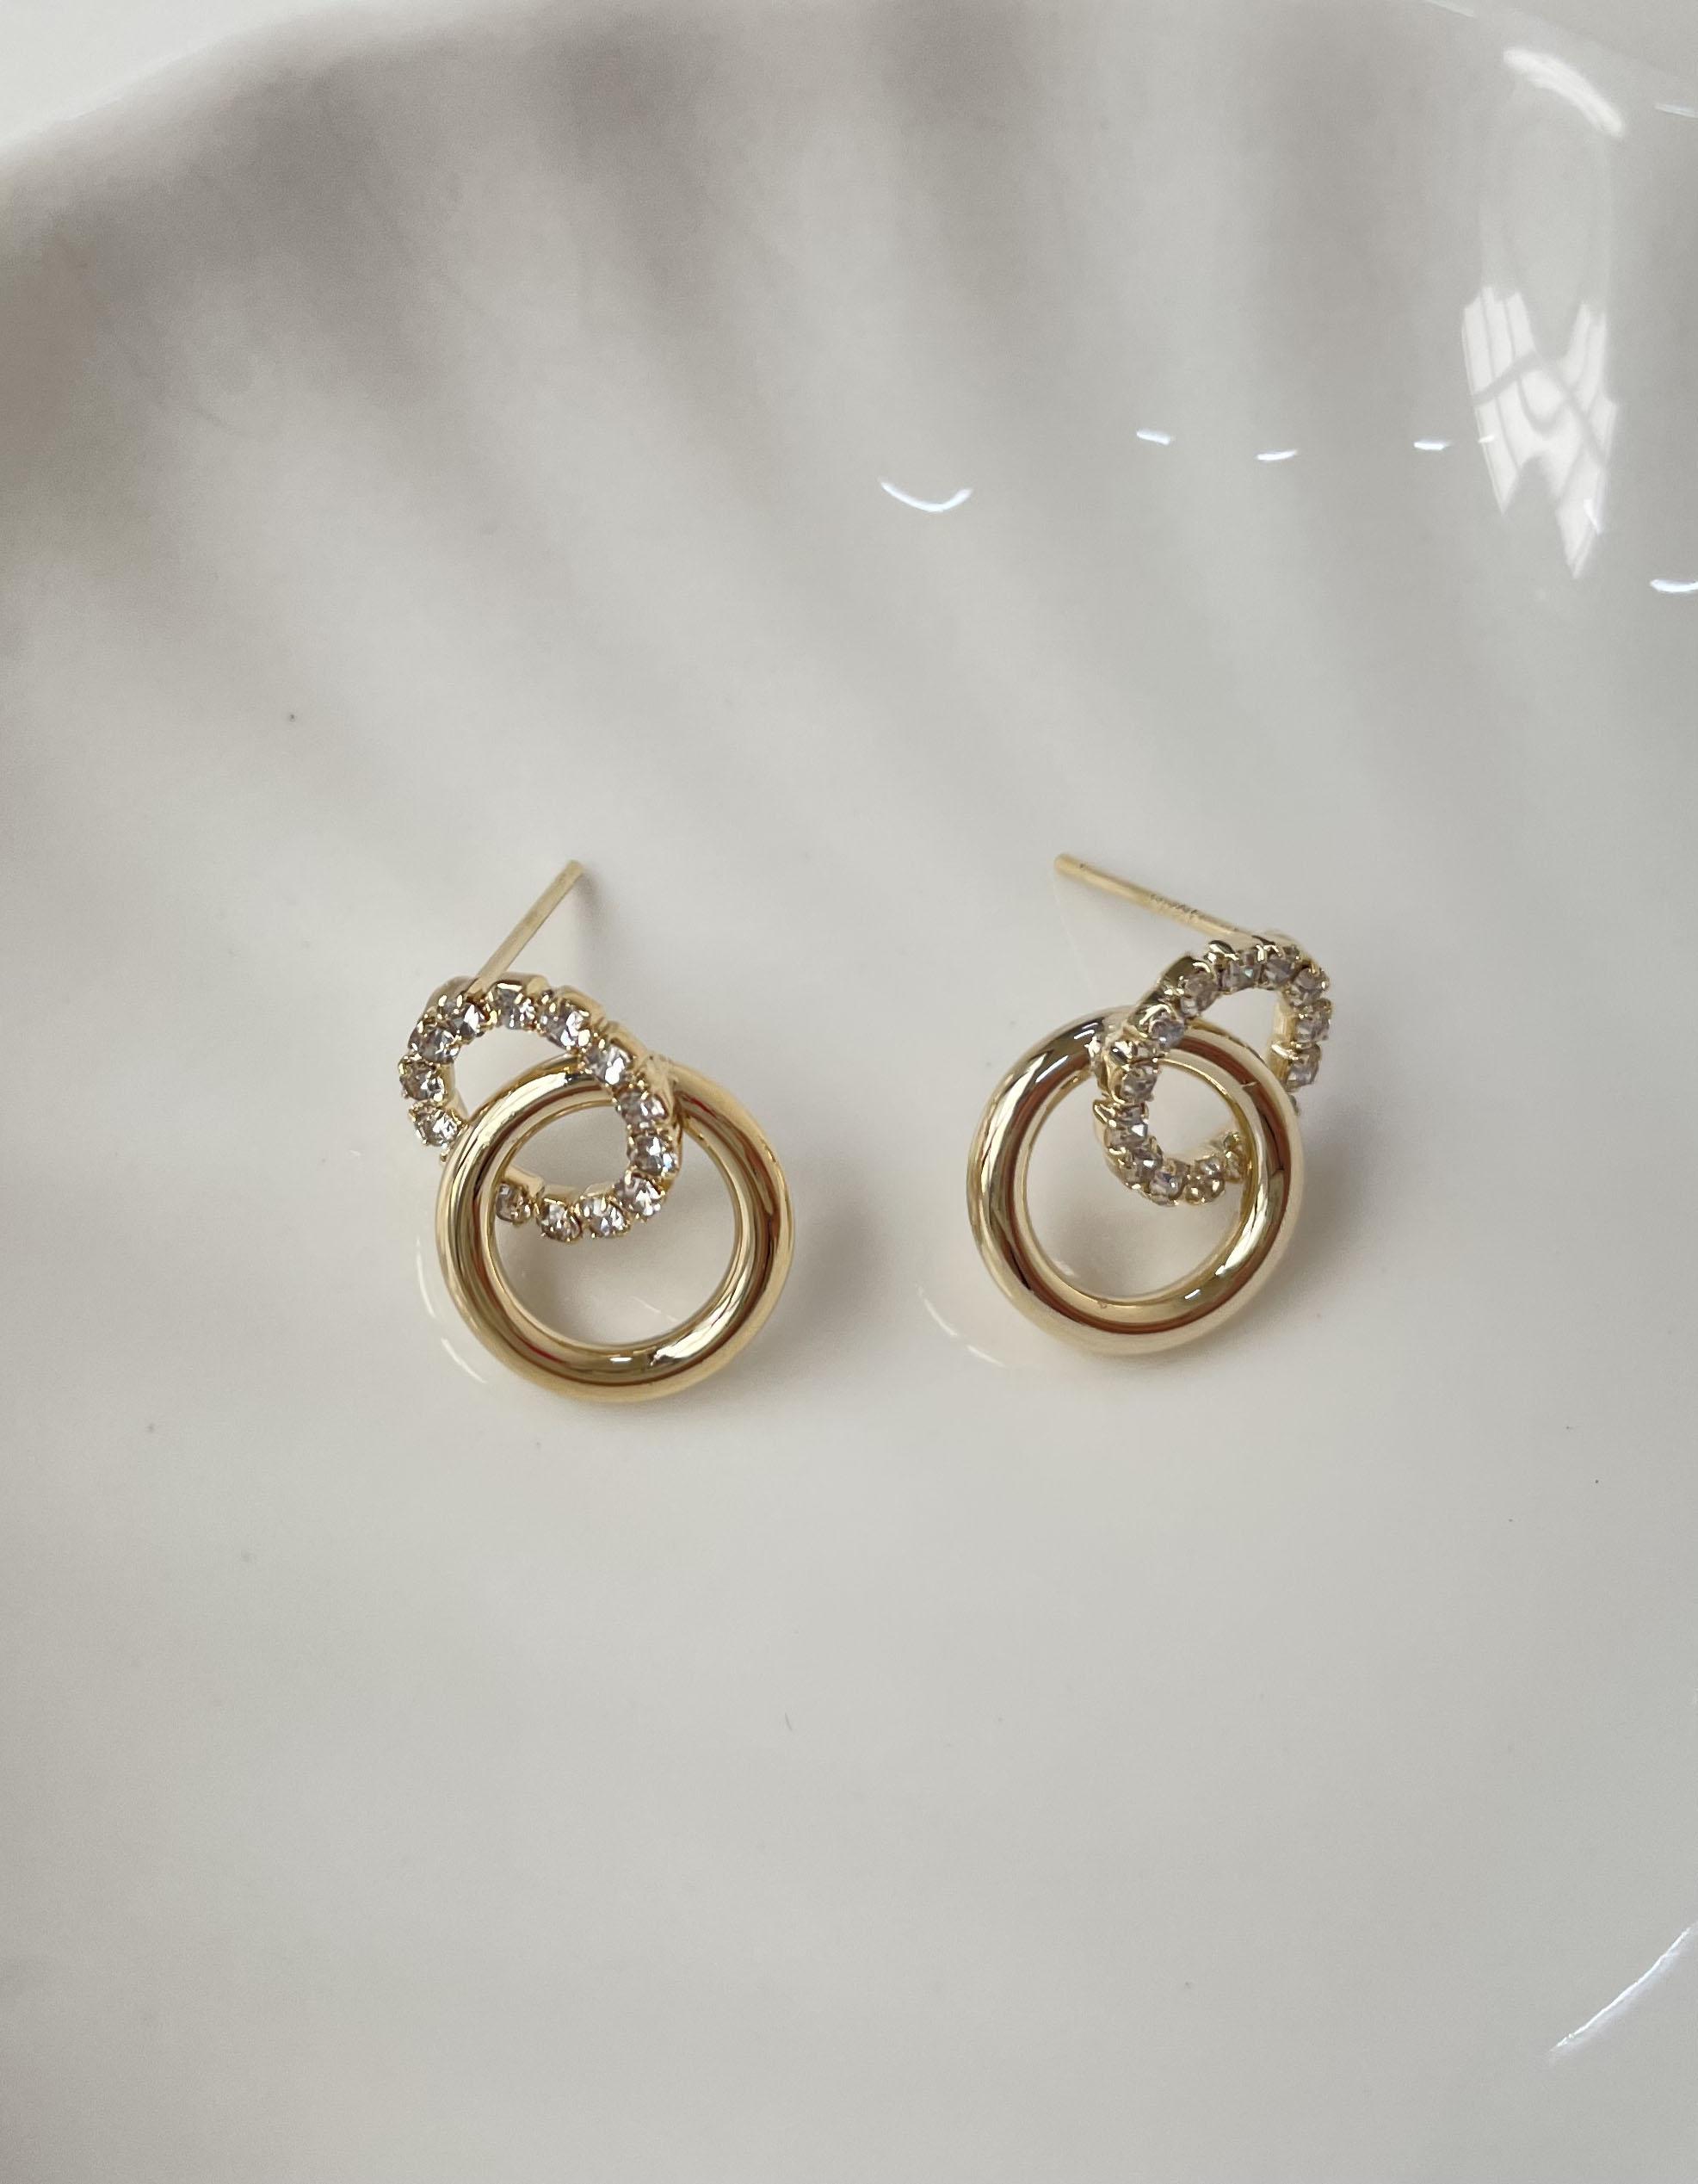 針式耳環 - 氣質雙圓圈水鑽耳環 - 飾品調色盤   迪希雅 deesir